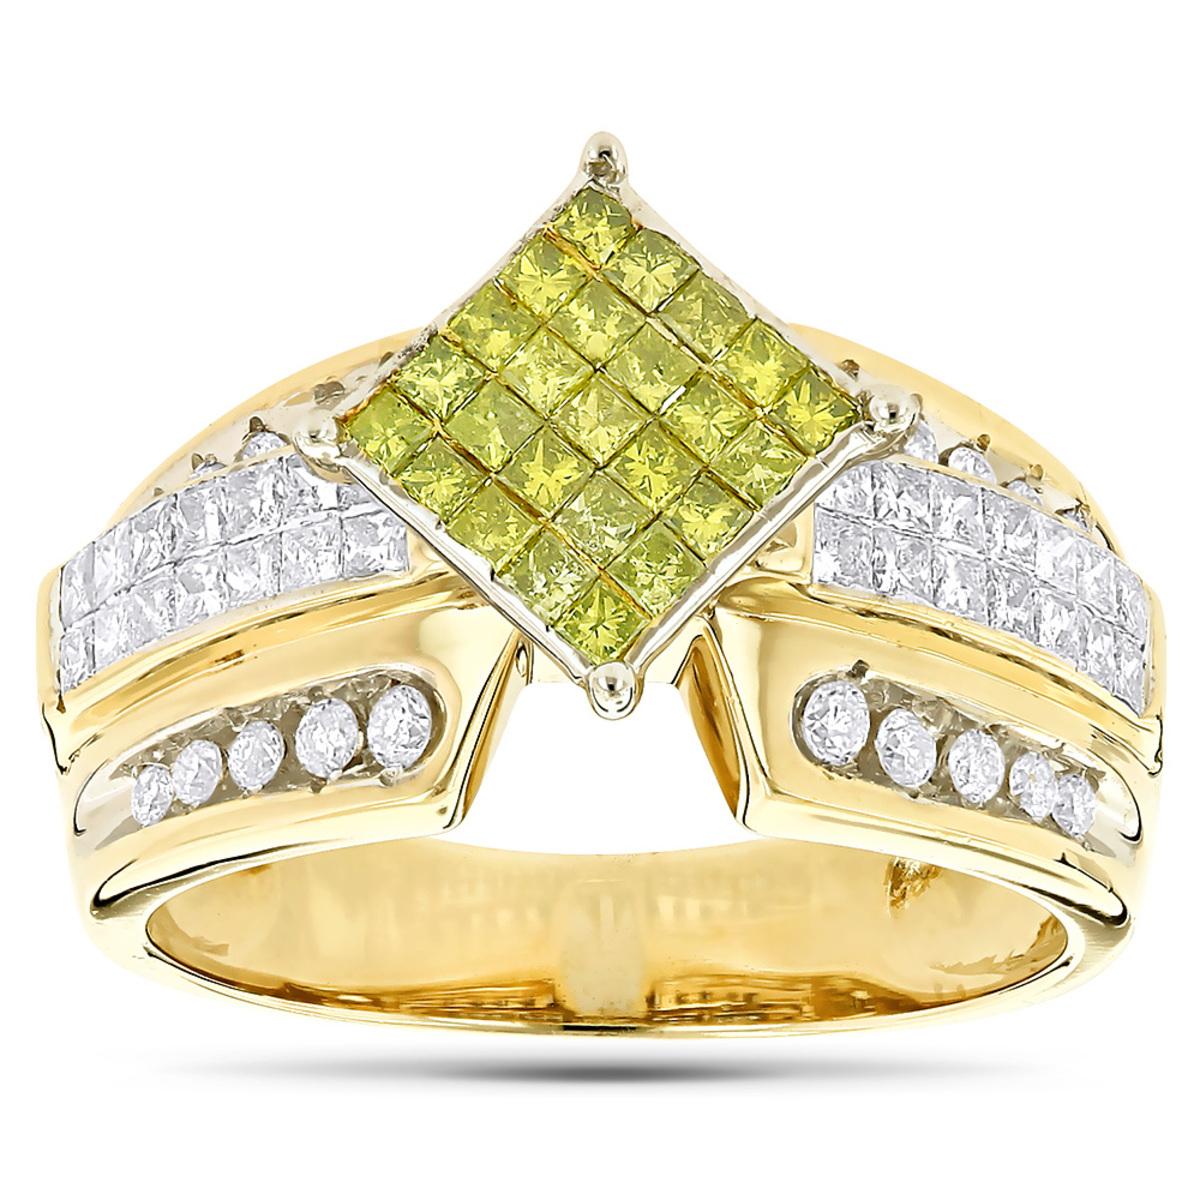 14k Gold White and Yellow Diamonds Ring 1.35ct